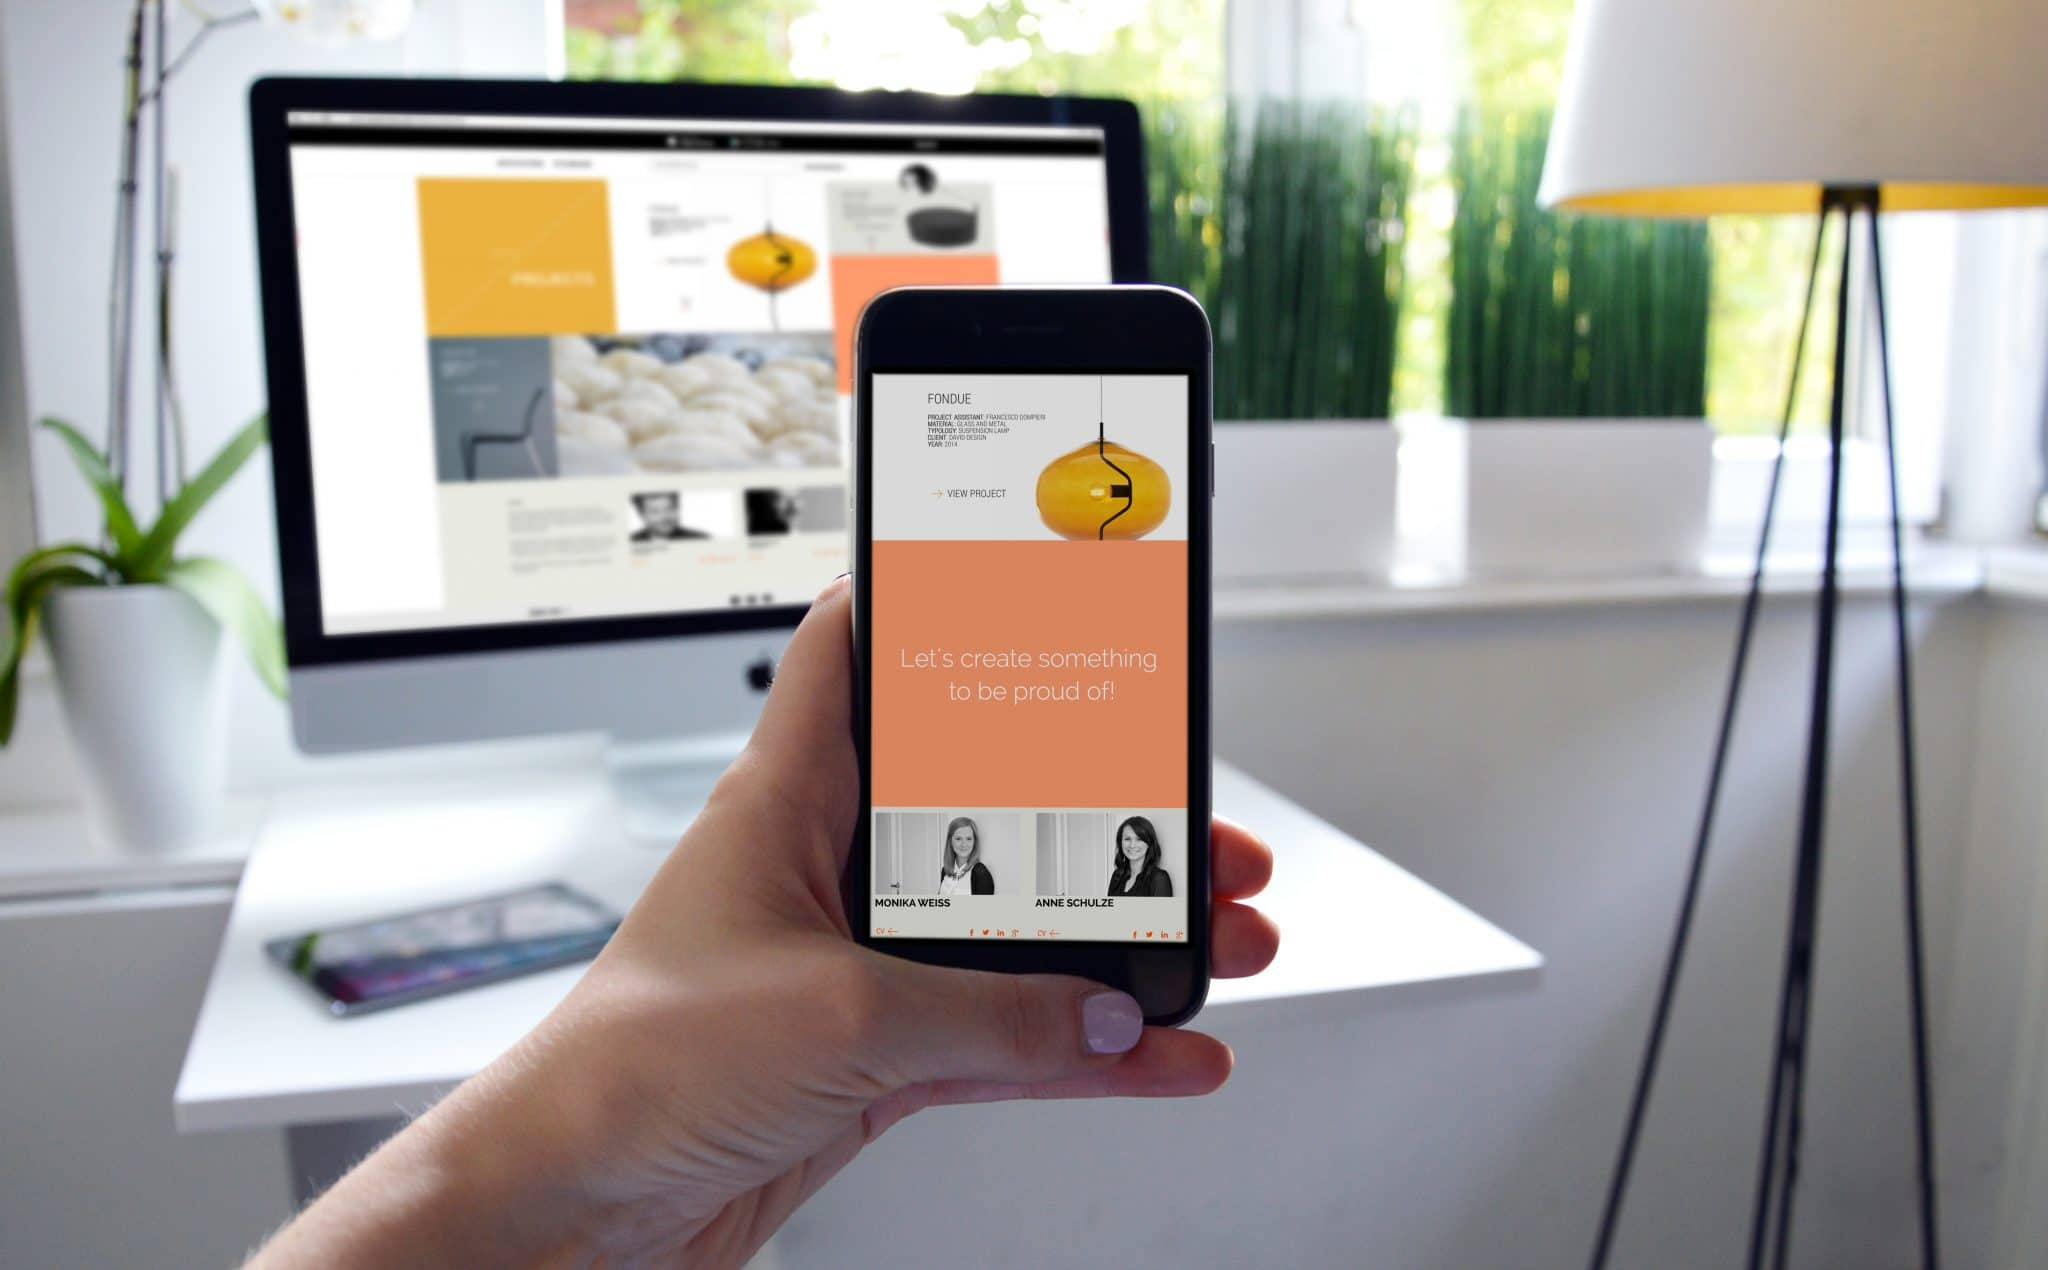 Beispiel einer erfolgreichen App-Konzeption